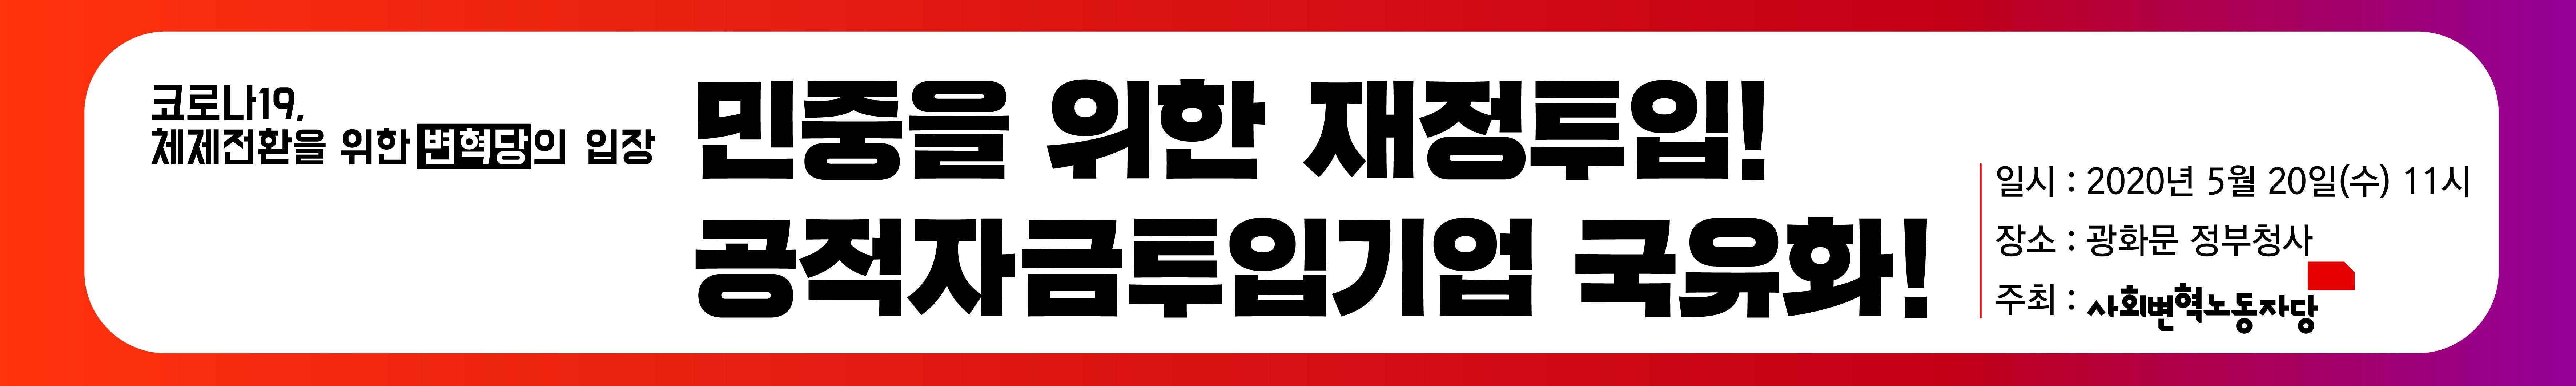 200514_현수막_코로나기자회견-01.jpg